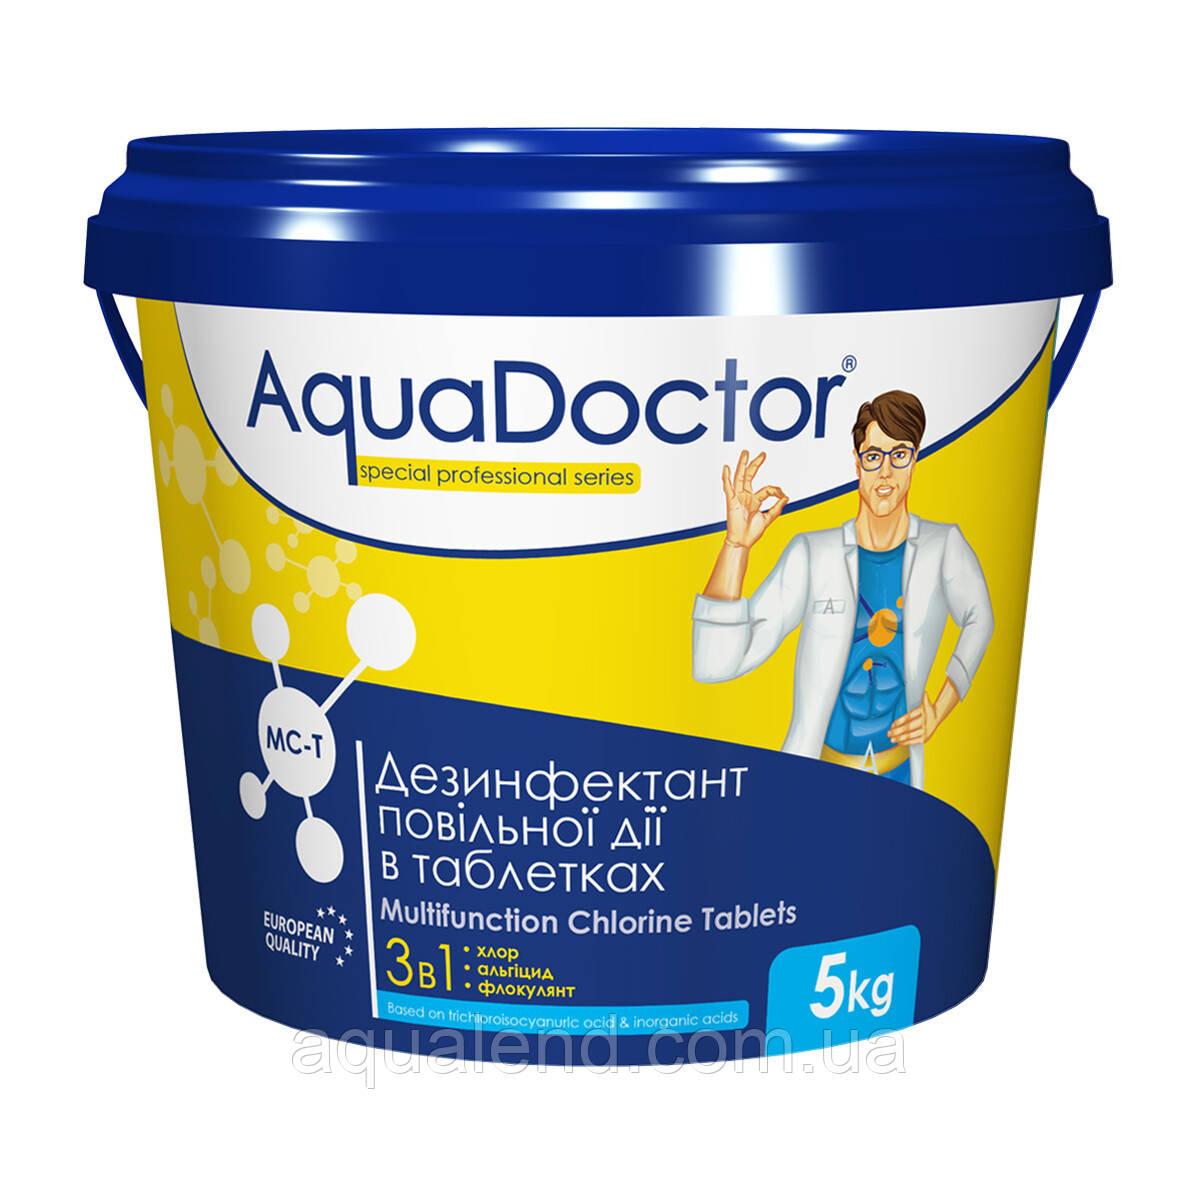 МС-Т, 50кг, комбіновані таблетки на основі хлору, AquaDoctor